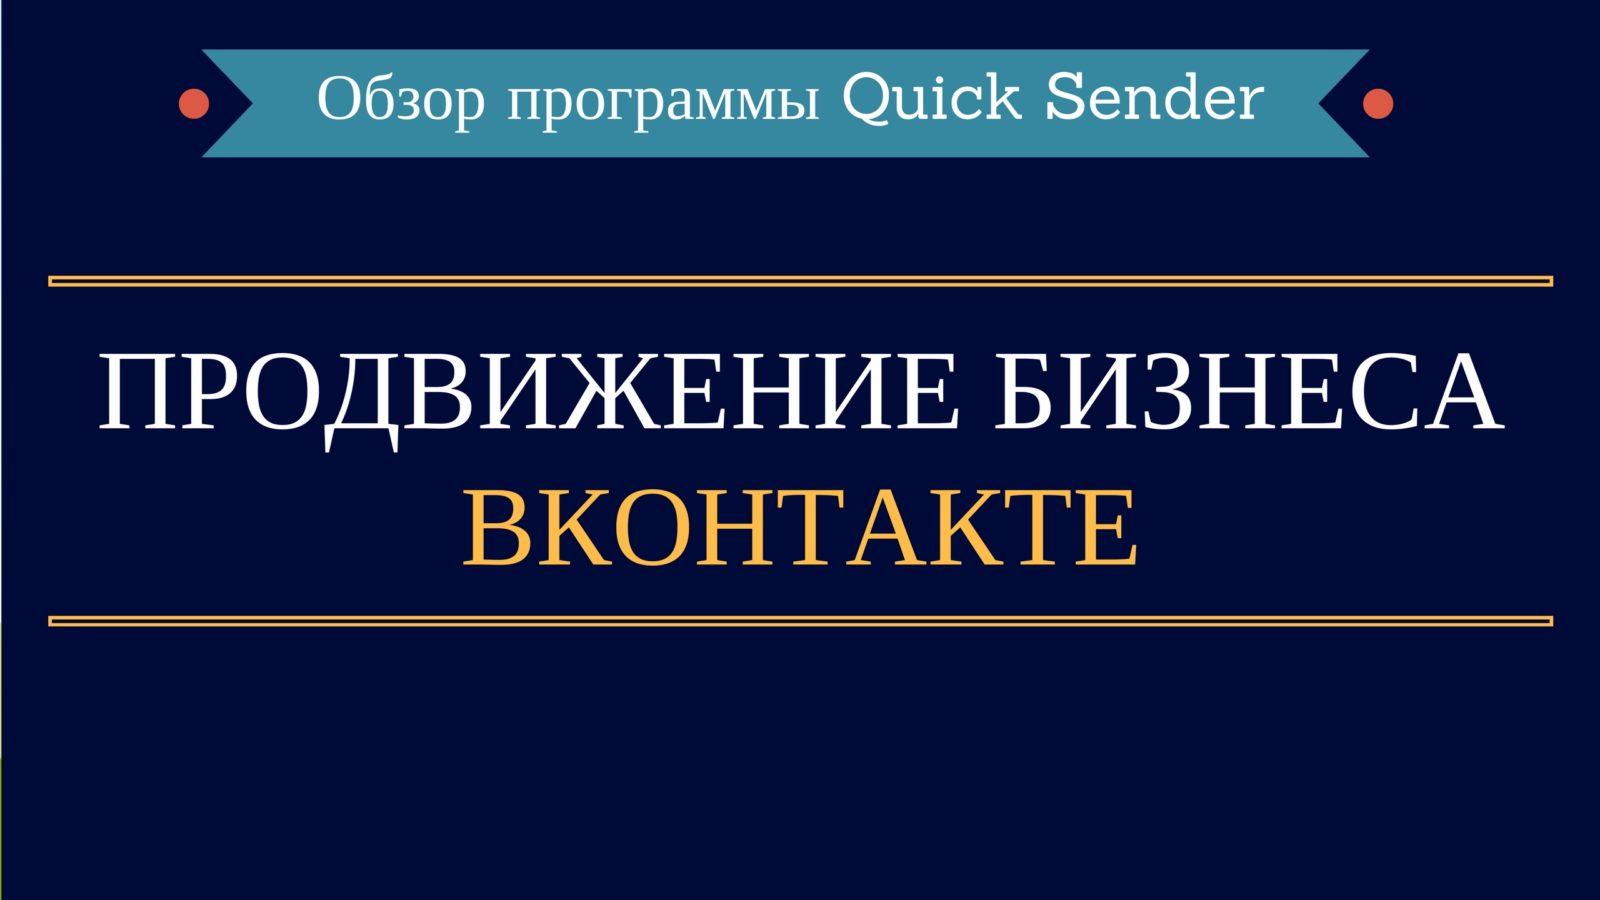 Делаем бизнес в соцсетях с программой Quick Sender